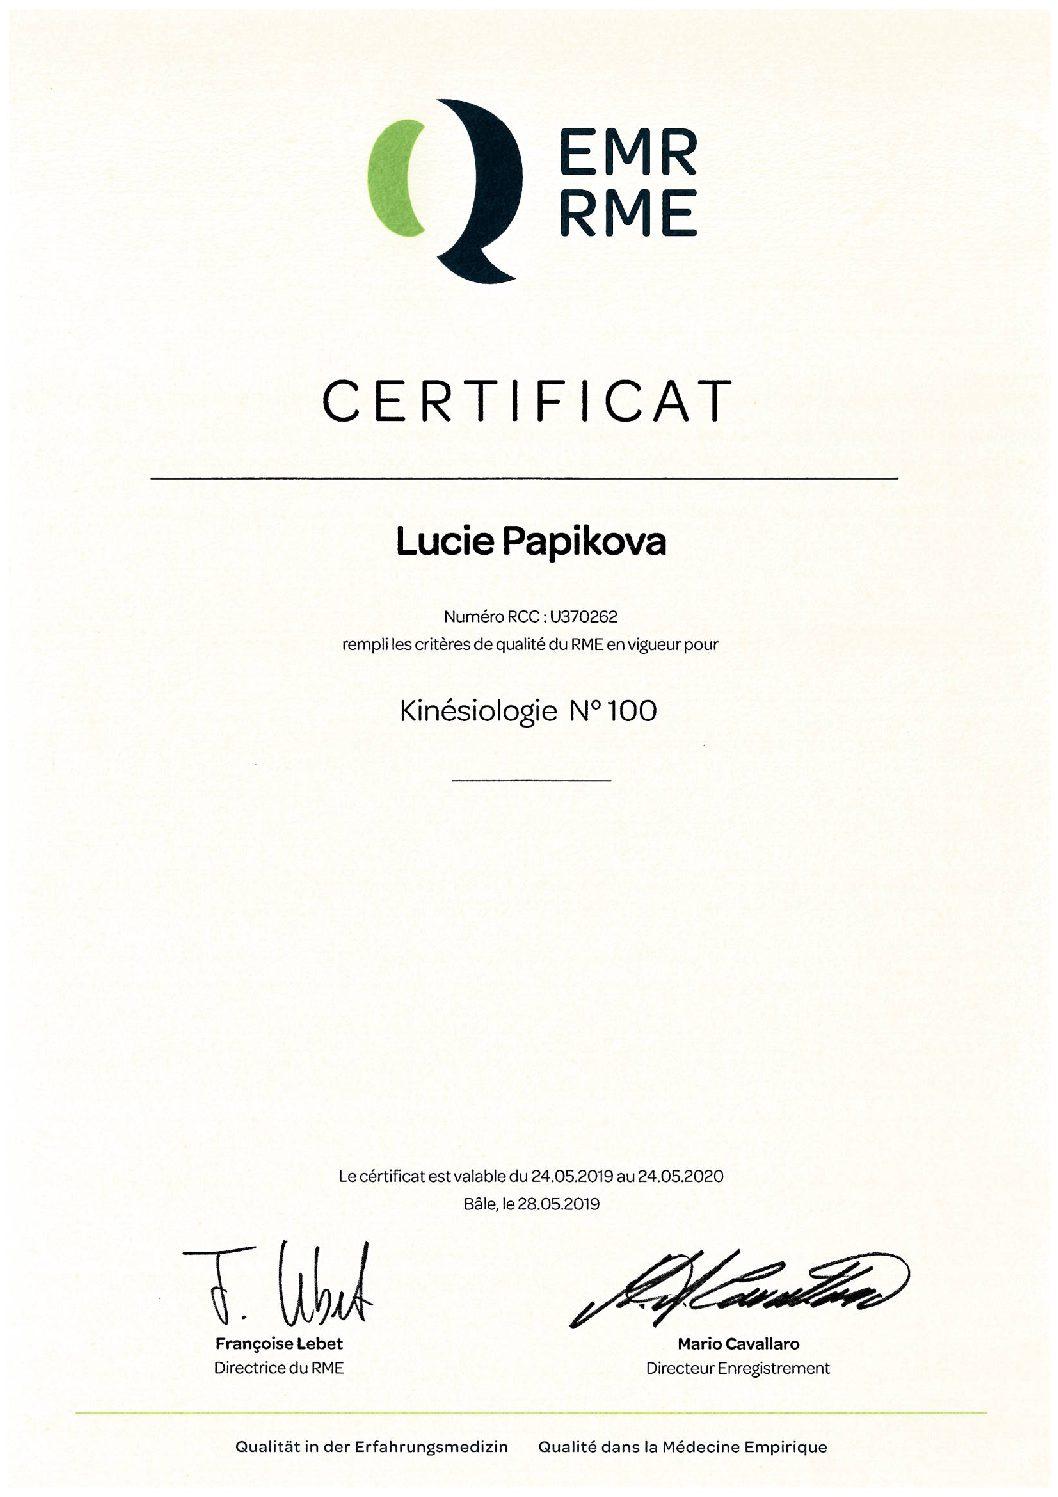 EMR RME certificat